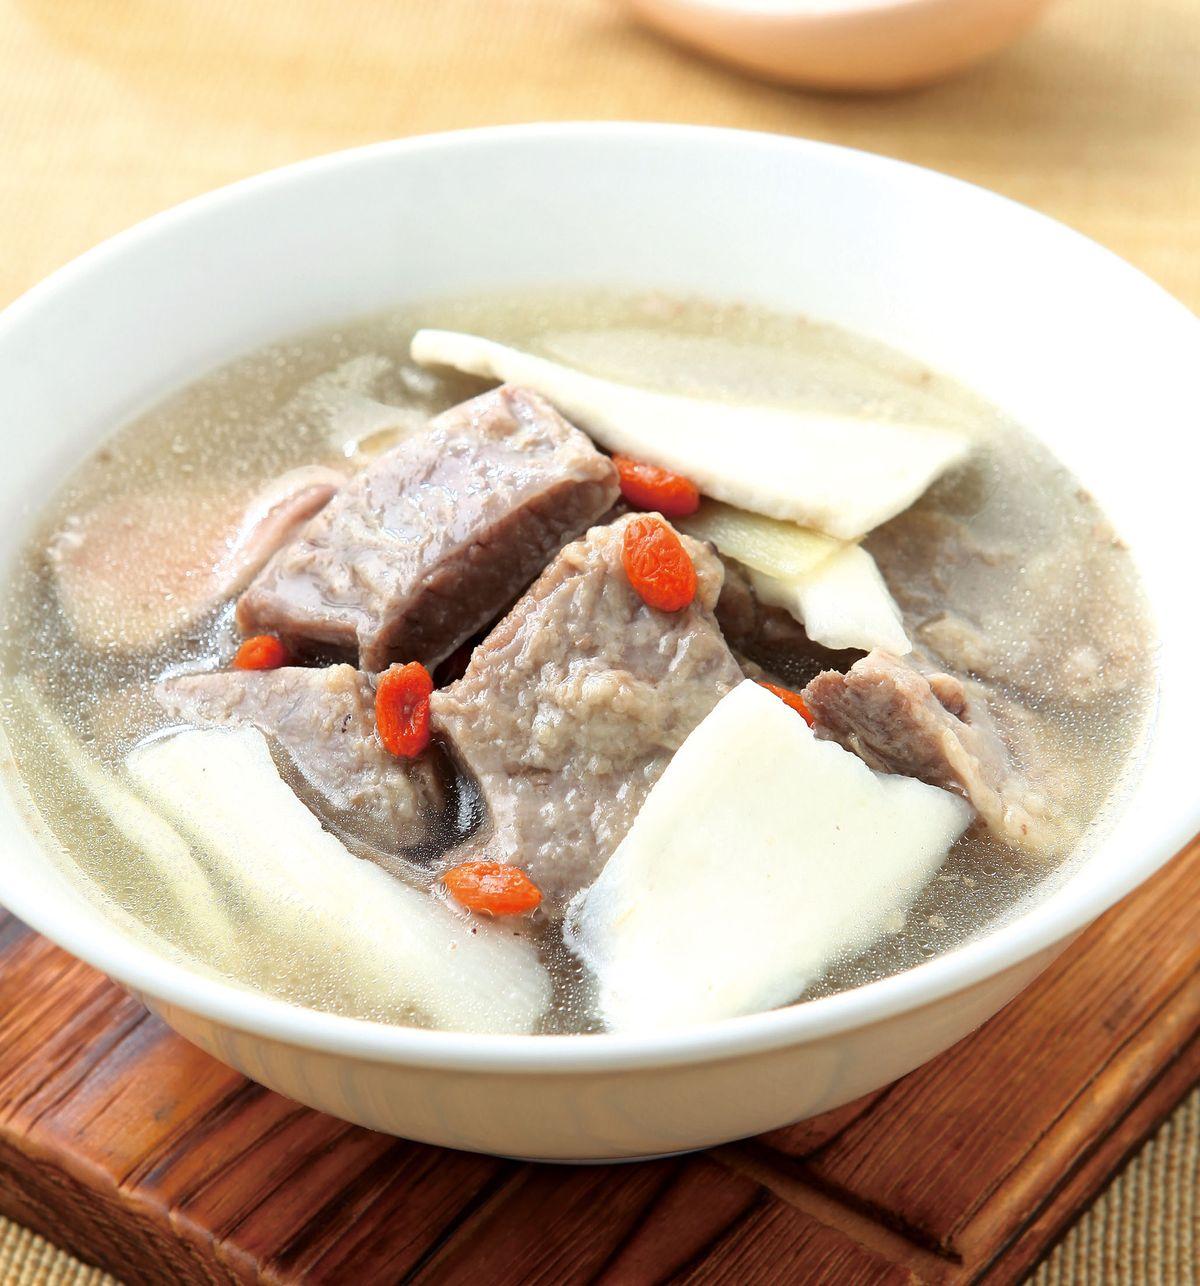 食譜:茯苓淮杞牛腩湯